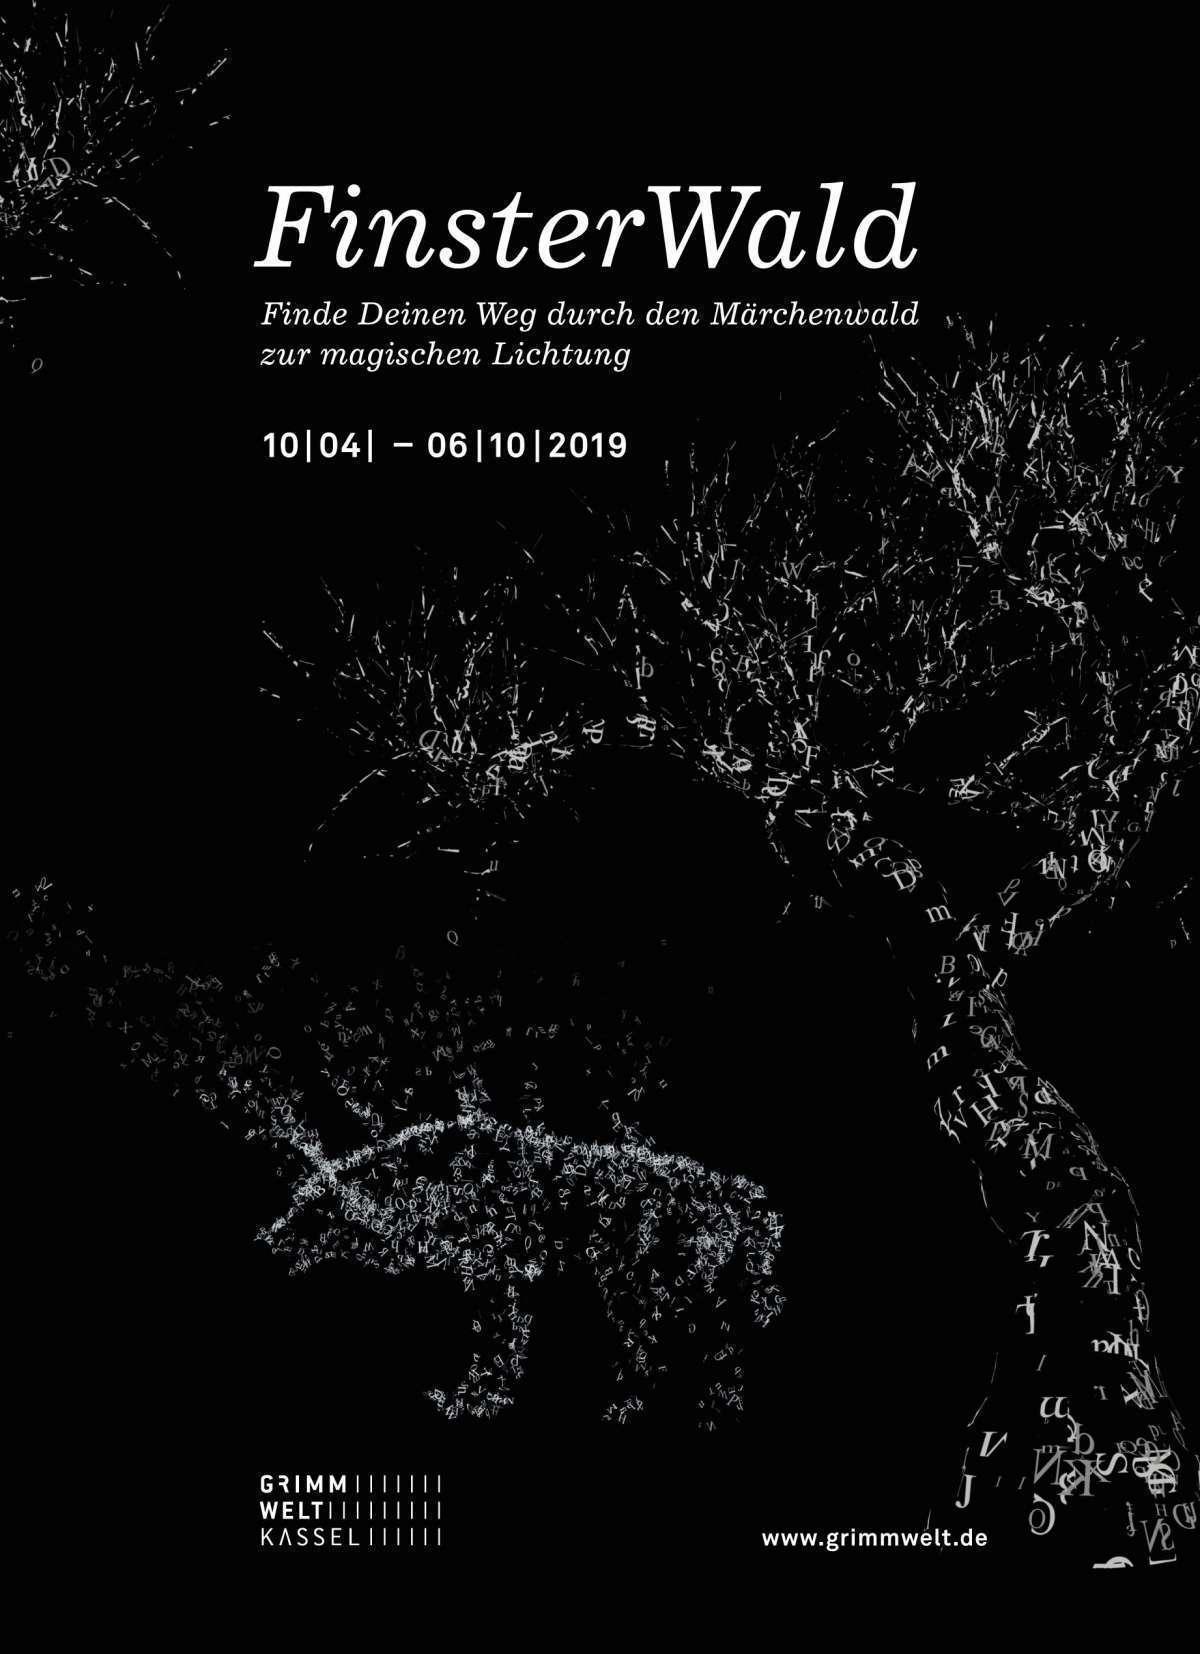 Veranstaltungen & Events am »Donnerstag, 26. September 2019« in deiner Nähe...